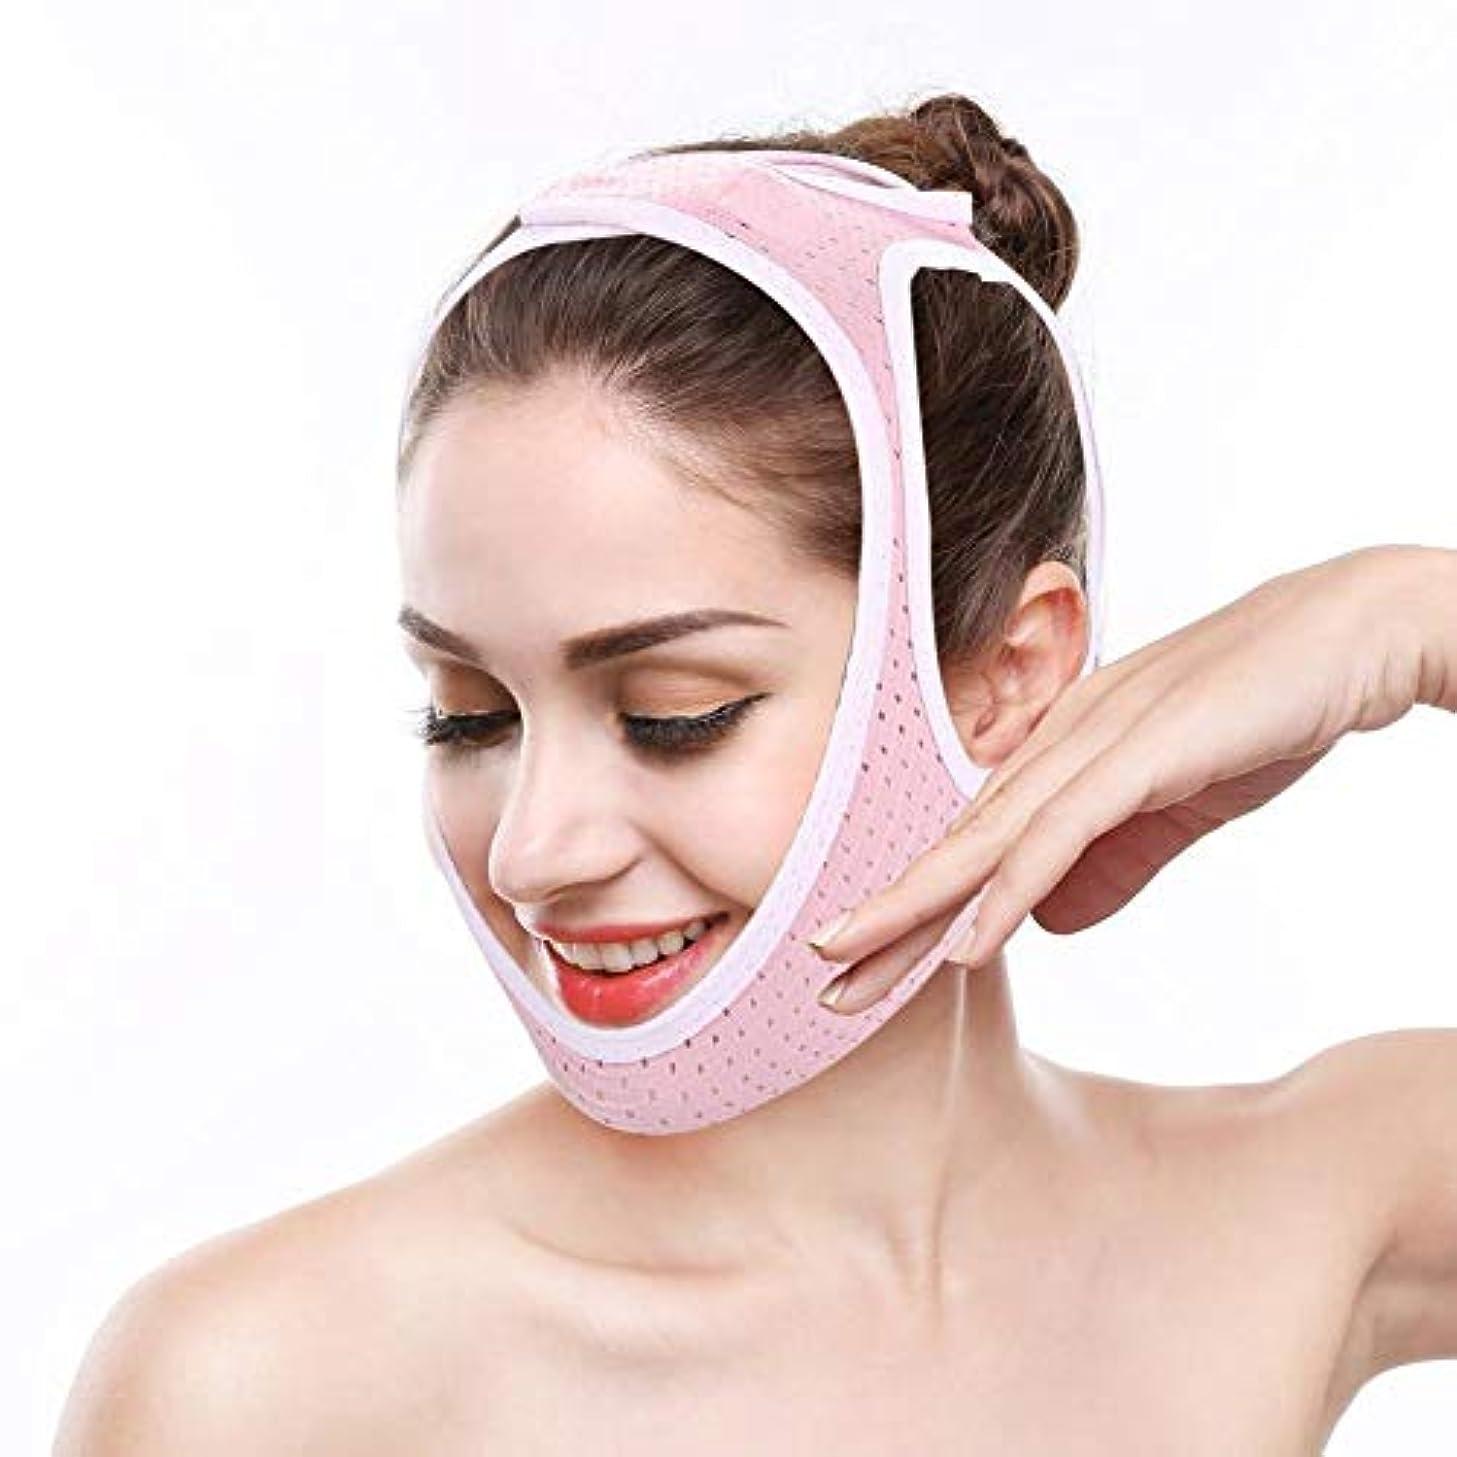 ビバ文顕微鏡二重あごを減らすための減量用フェイスマスク、減量用フェイスマスク(L)